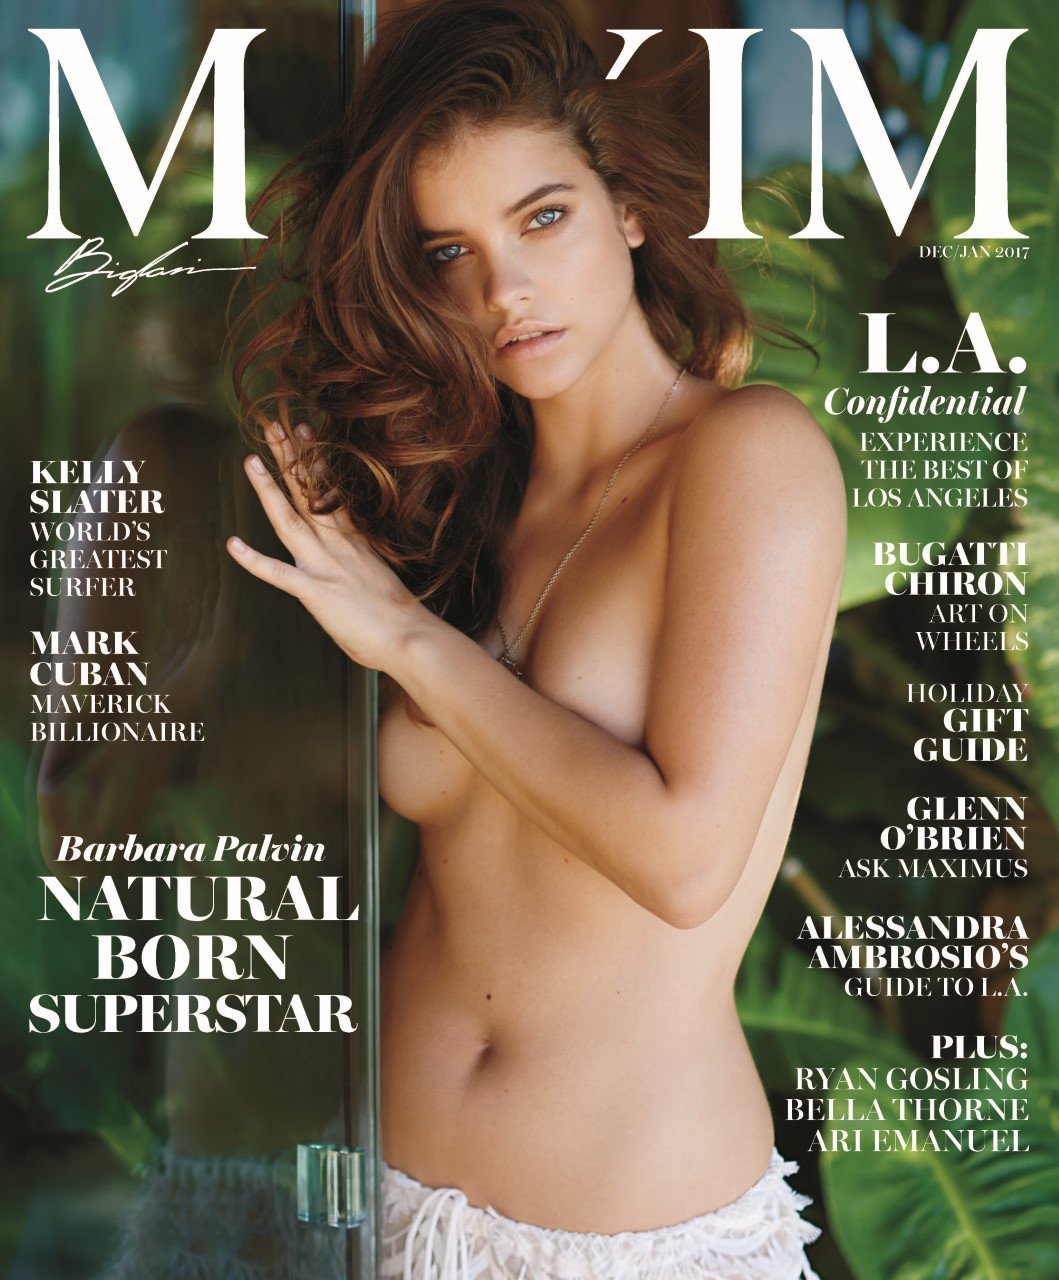 images Barbara Palvin Nude Maxim Photo Shoot